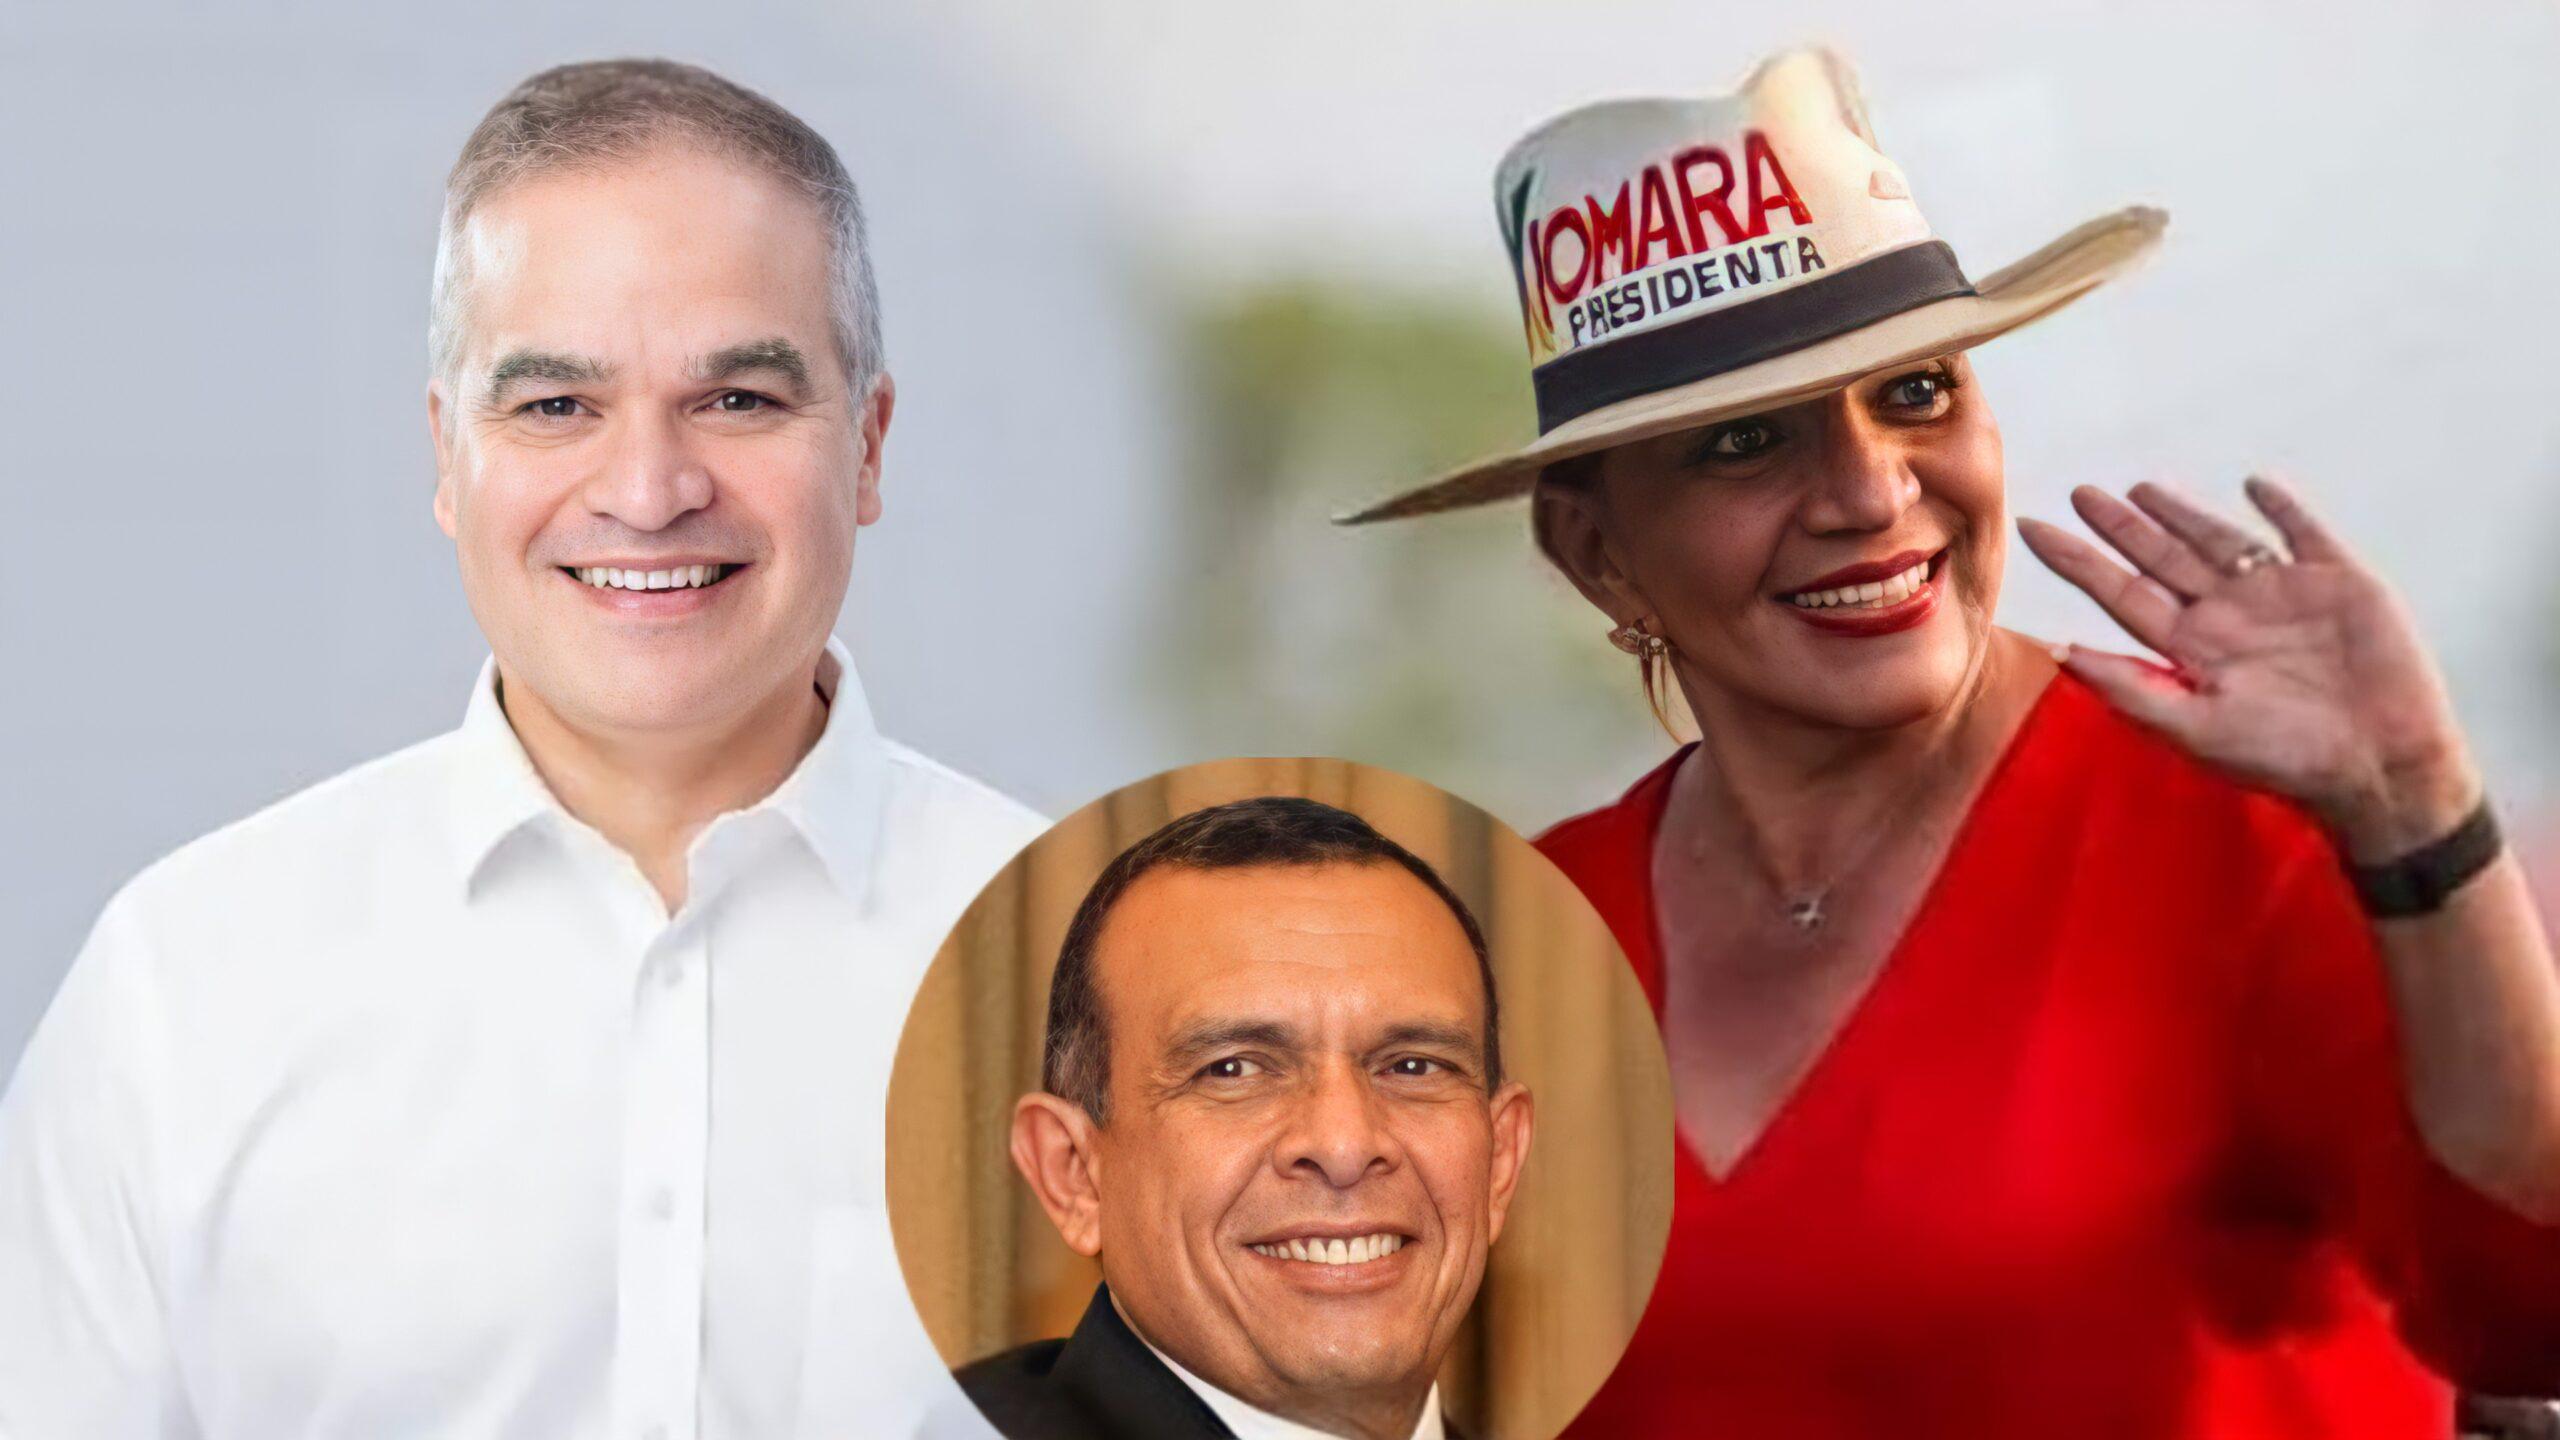 Expresidente Lobo asegura que trabajará para conformar una alianza entre Xiomara y Yani Rosenthal